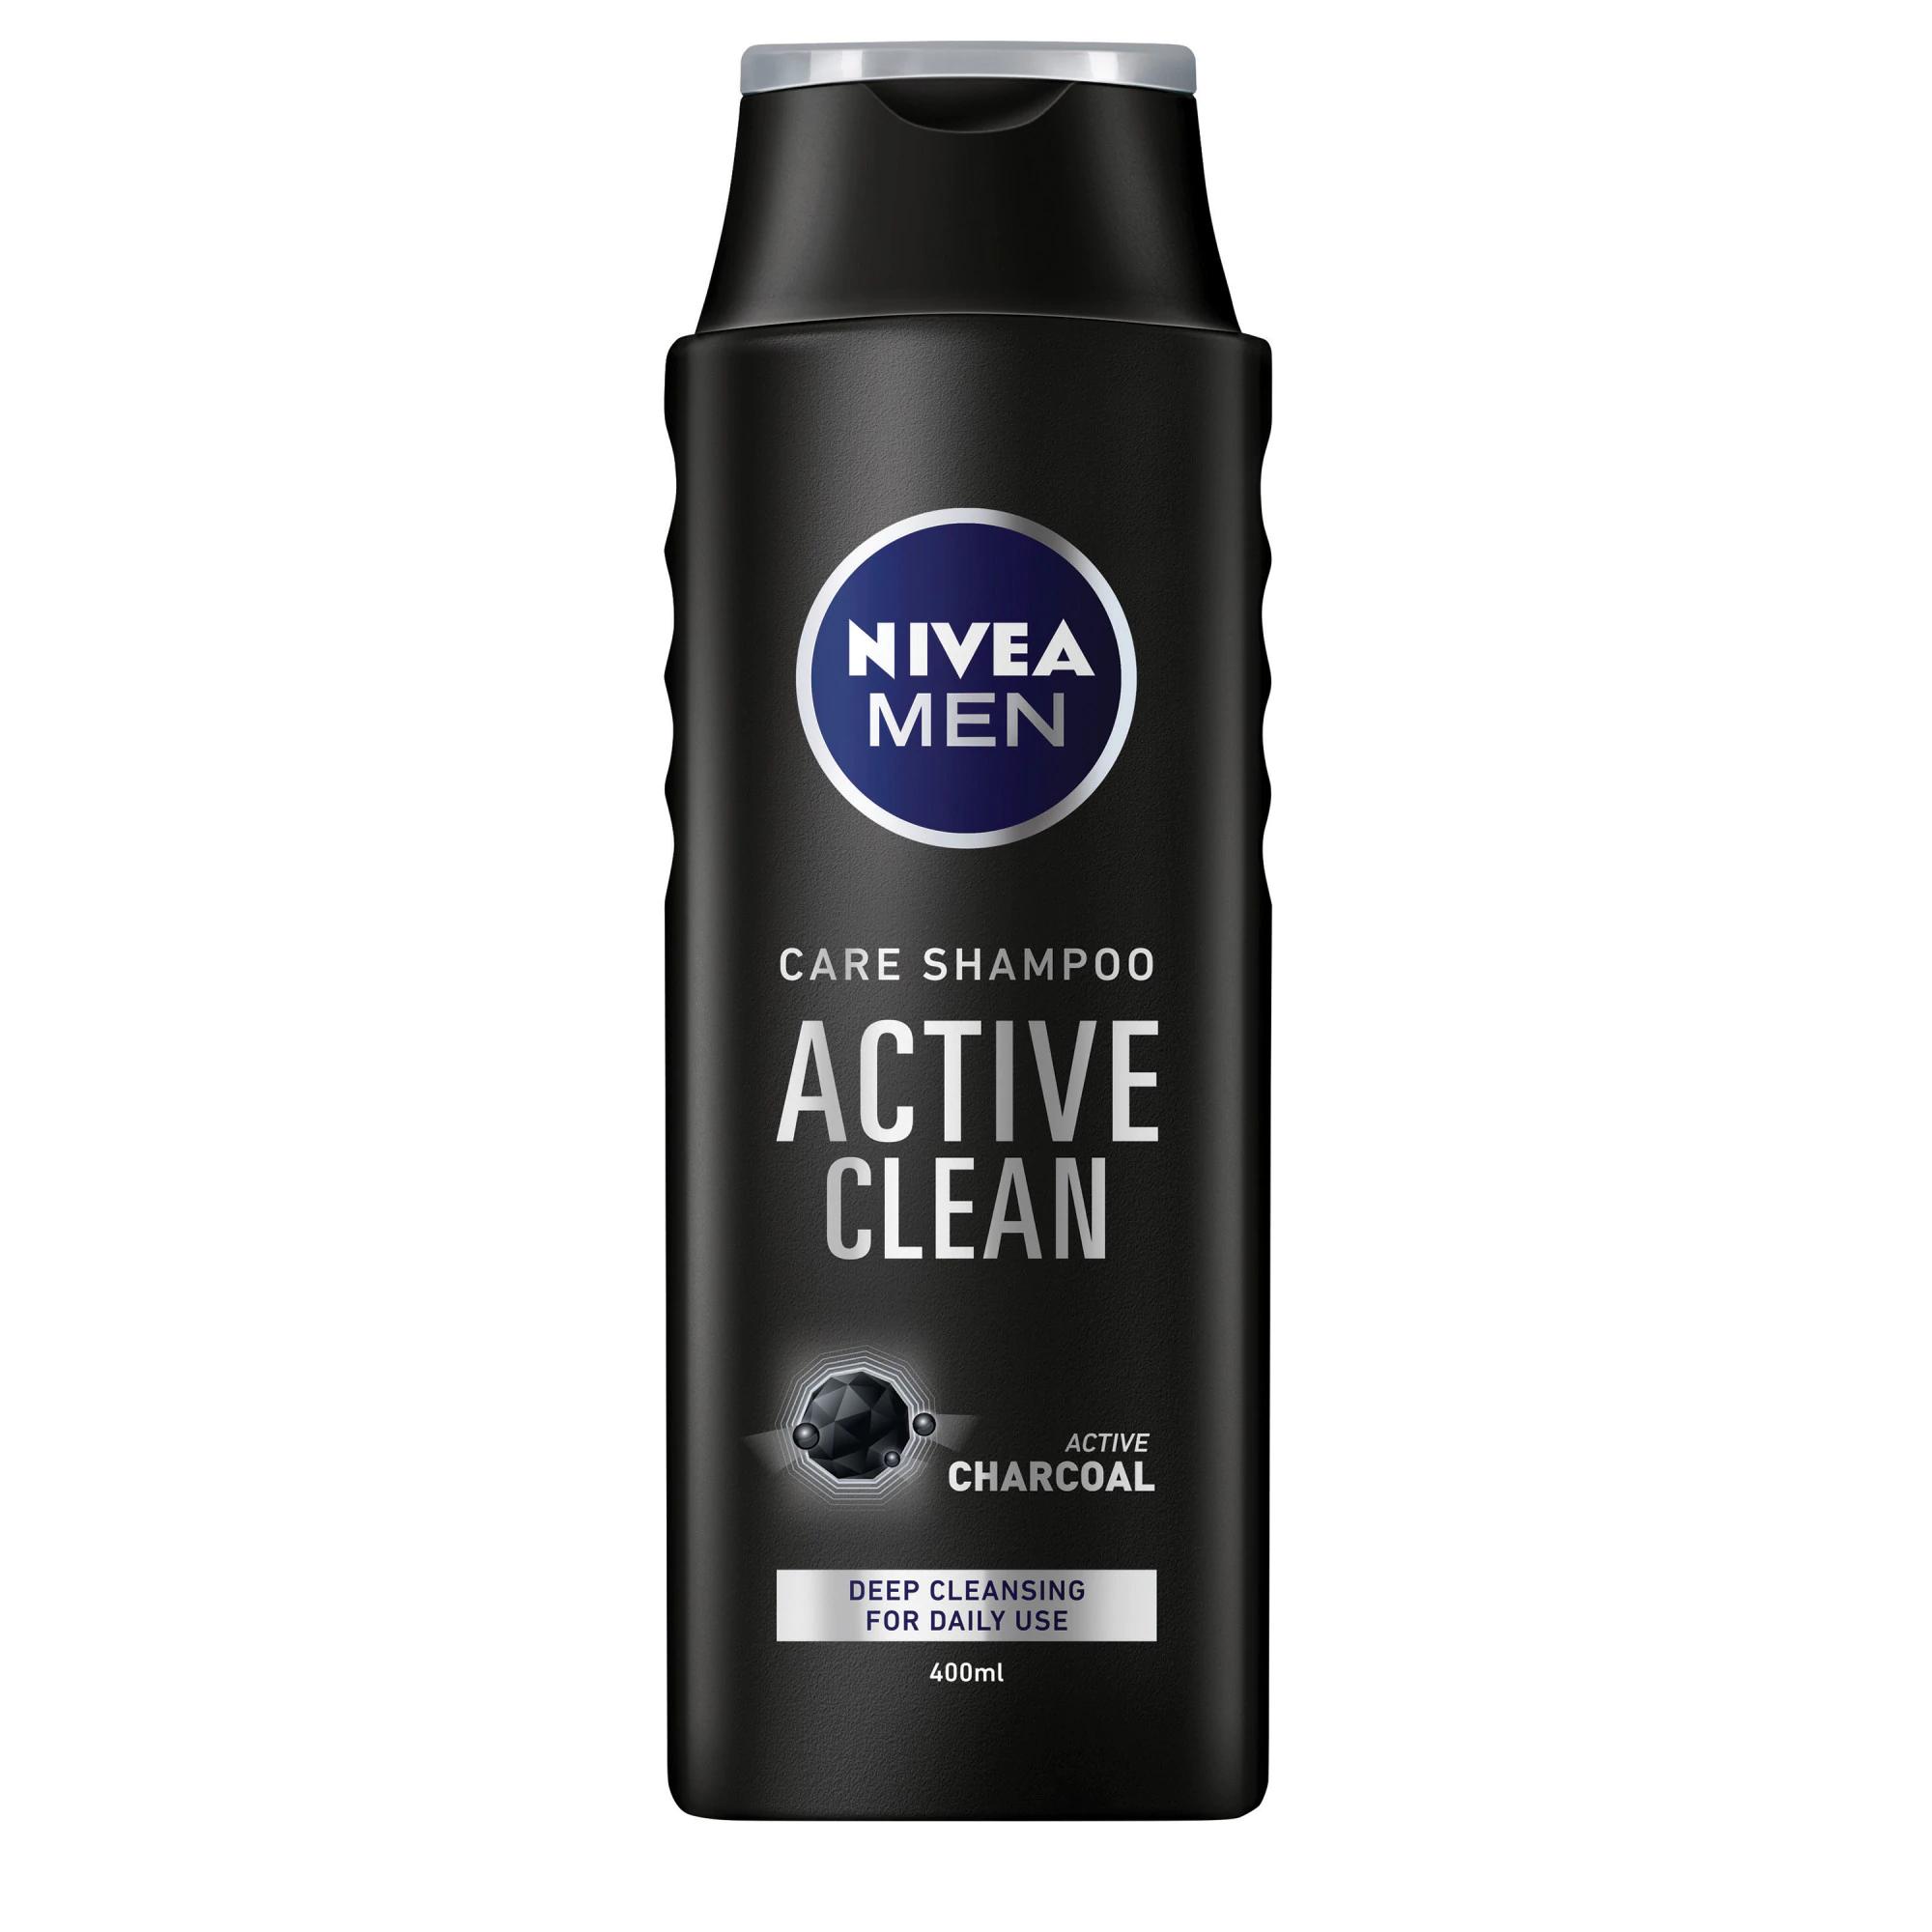 НИВЕА ШАМПОАН ЗА КОСА 400МЛ МЕН ACTIVE CLEAN 82753